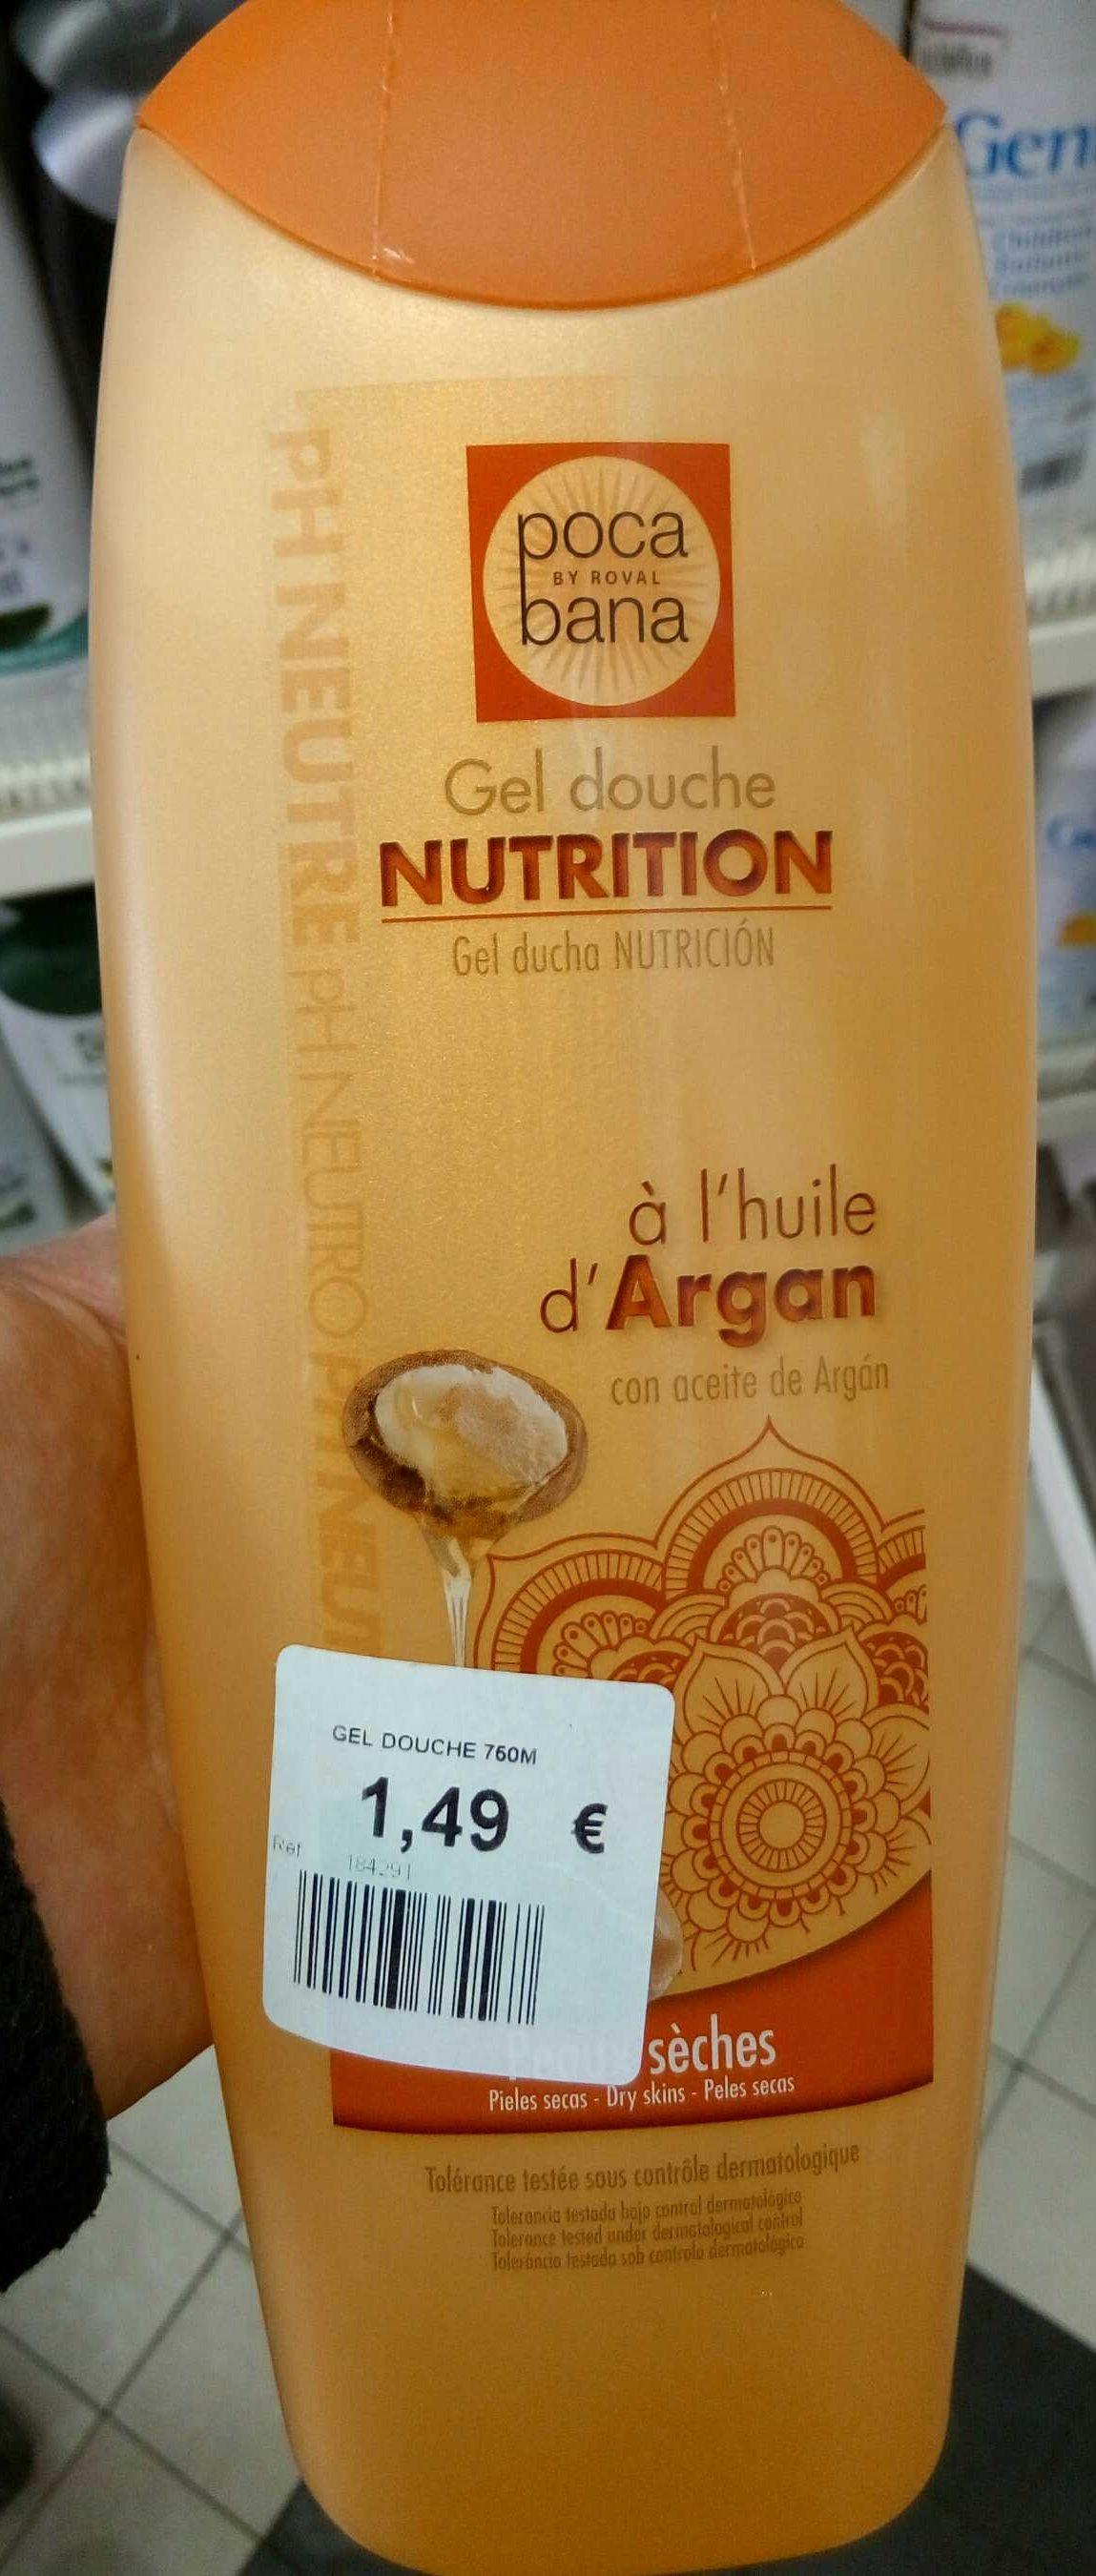 Gel douche nutrition à l'huile d'argan - Product - fr